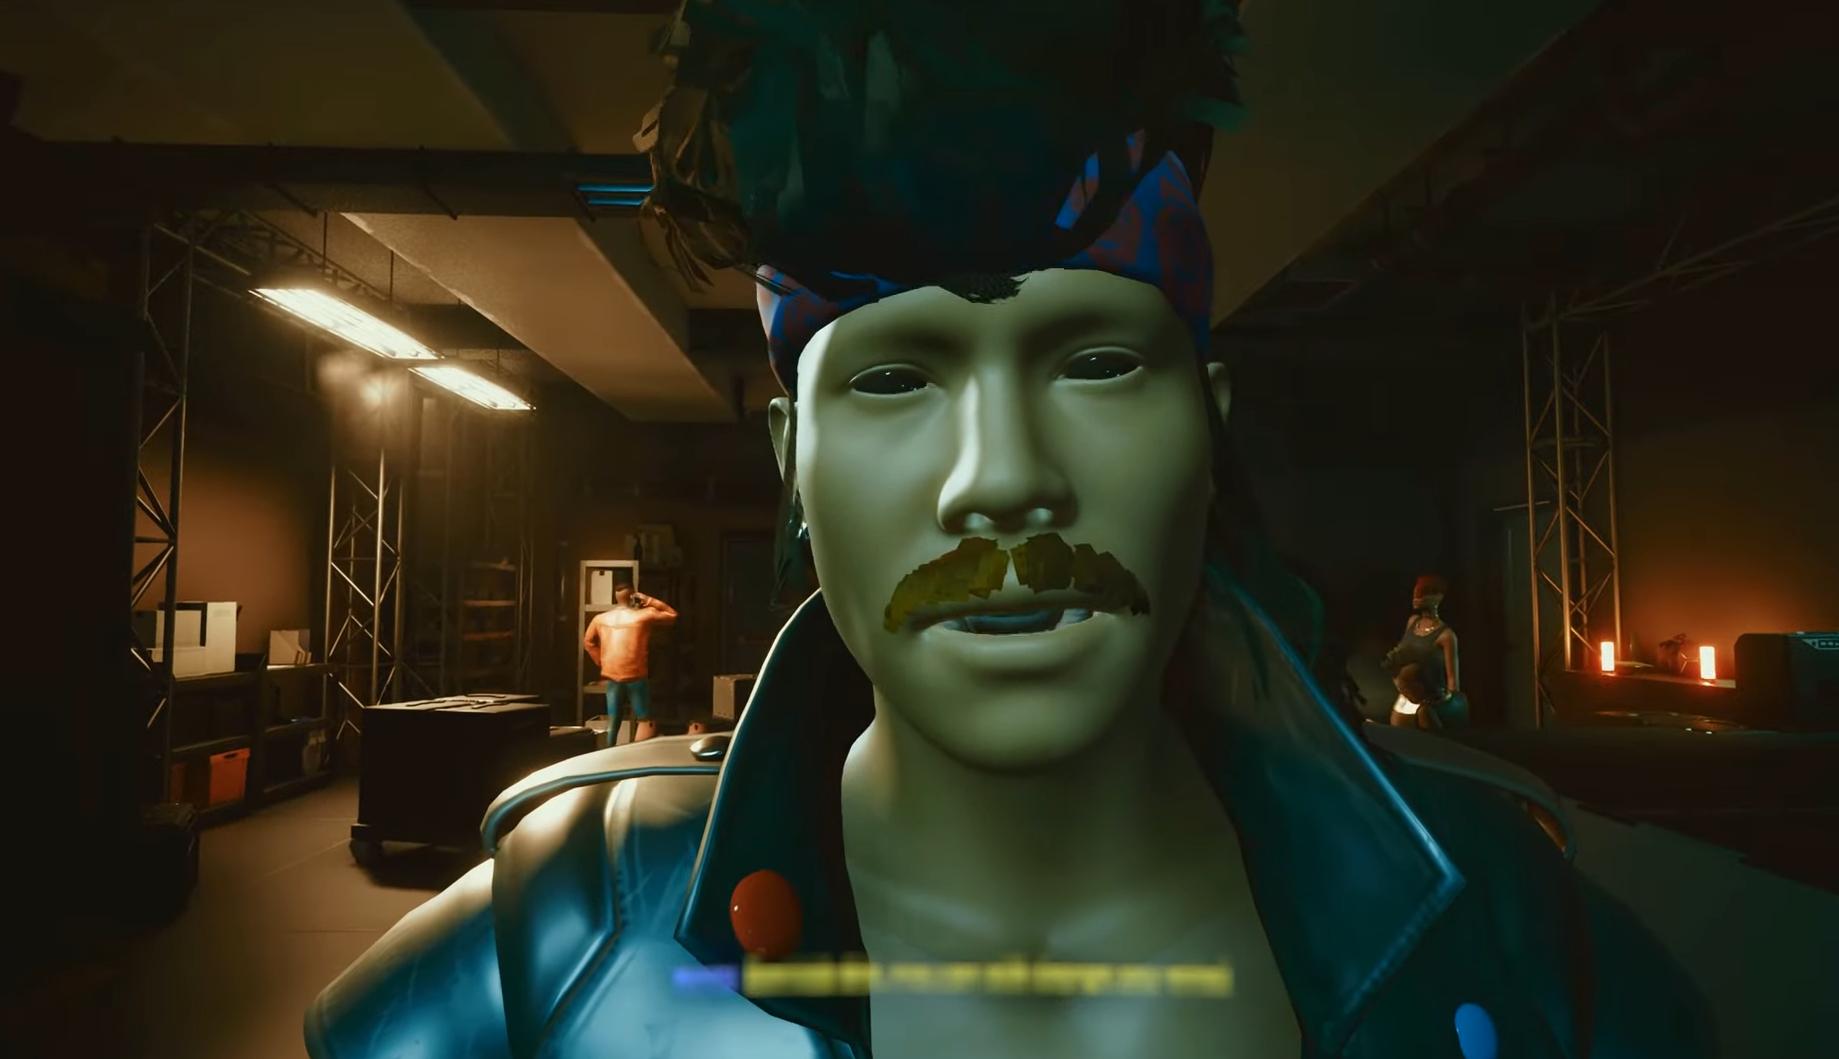 Видео: блогер сумел запустить Cyberpunk 2077 в «картофельном» режиме и увидеть наихудшую графику